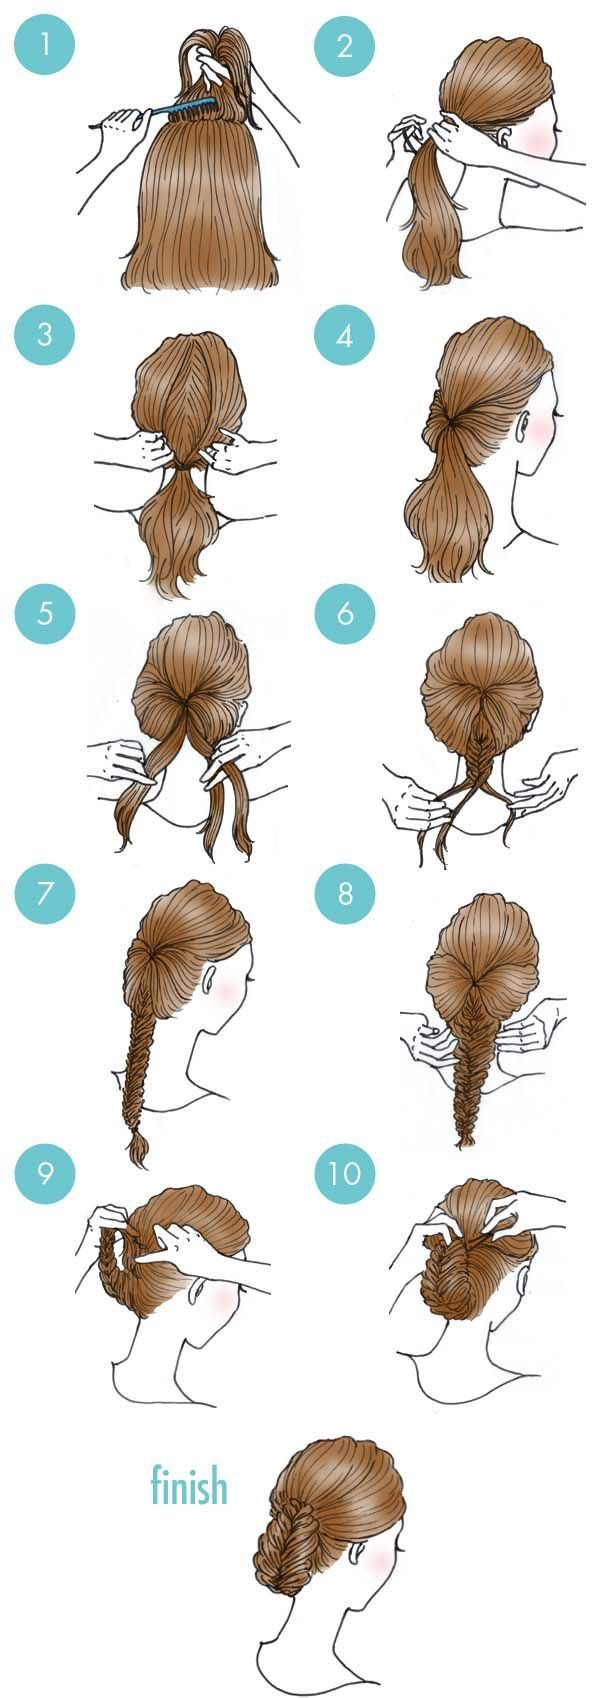 12 peinados fáciles con trenzas para mamás y niñas | Me pica la curiosidad